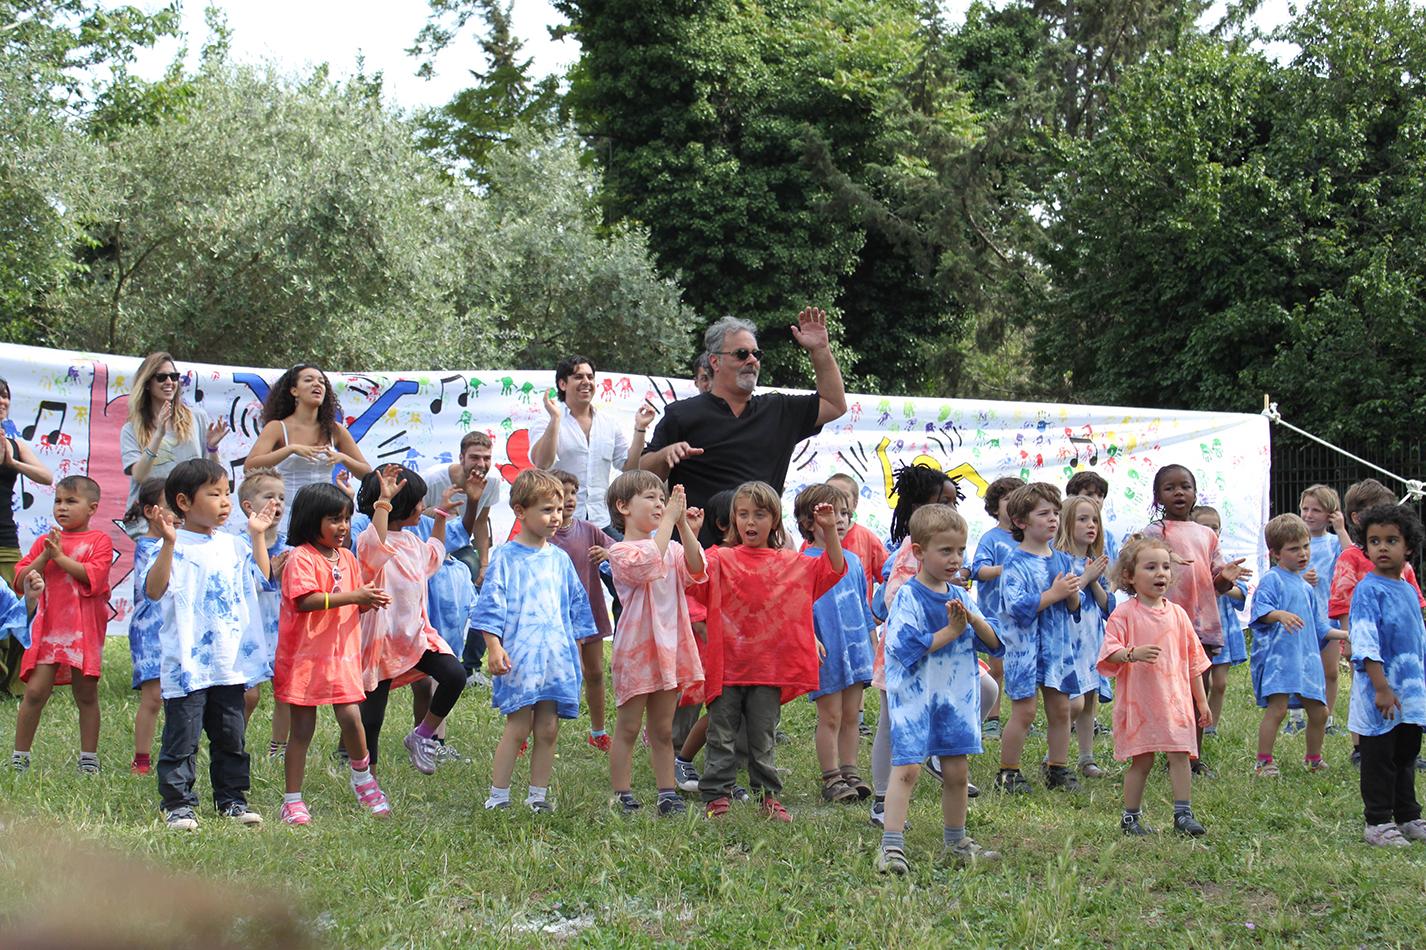 Massimo con i bambini di Celio Azzurro (foto dal sito di Celio Azzurro)